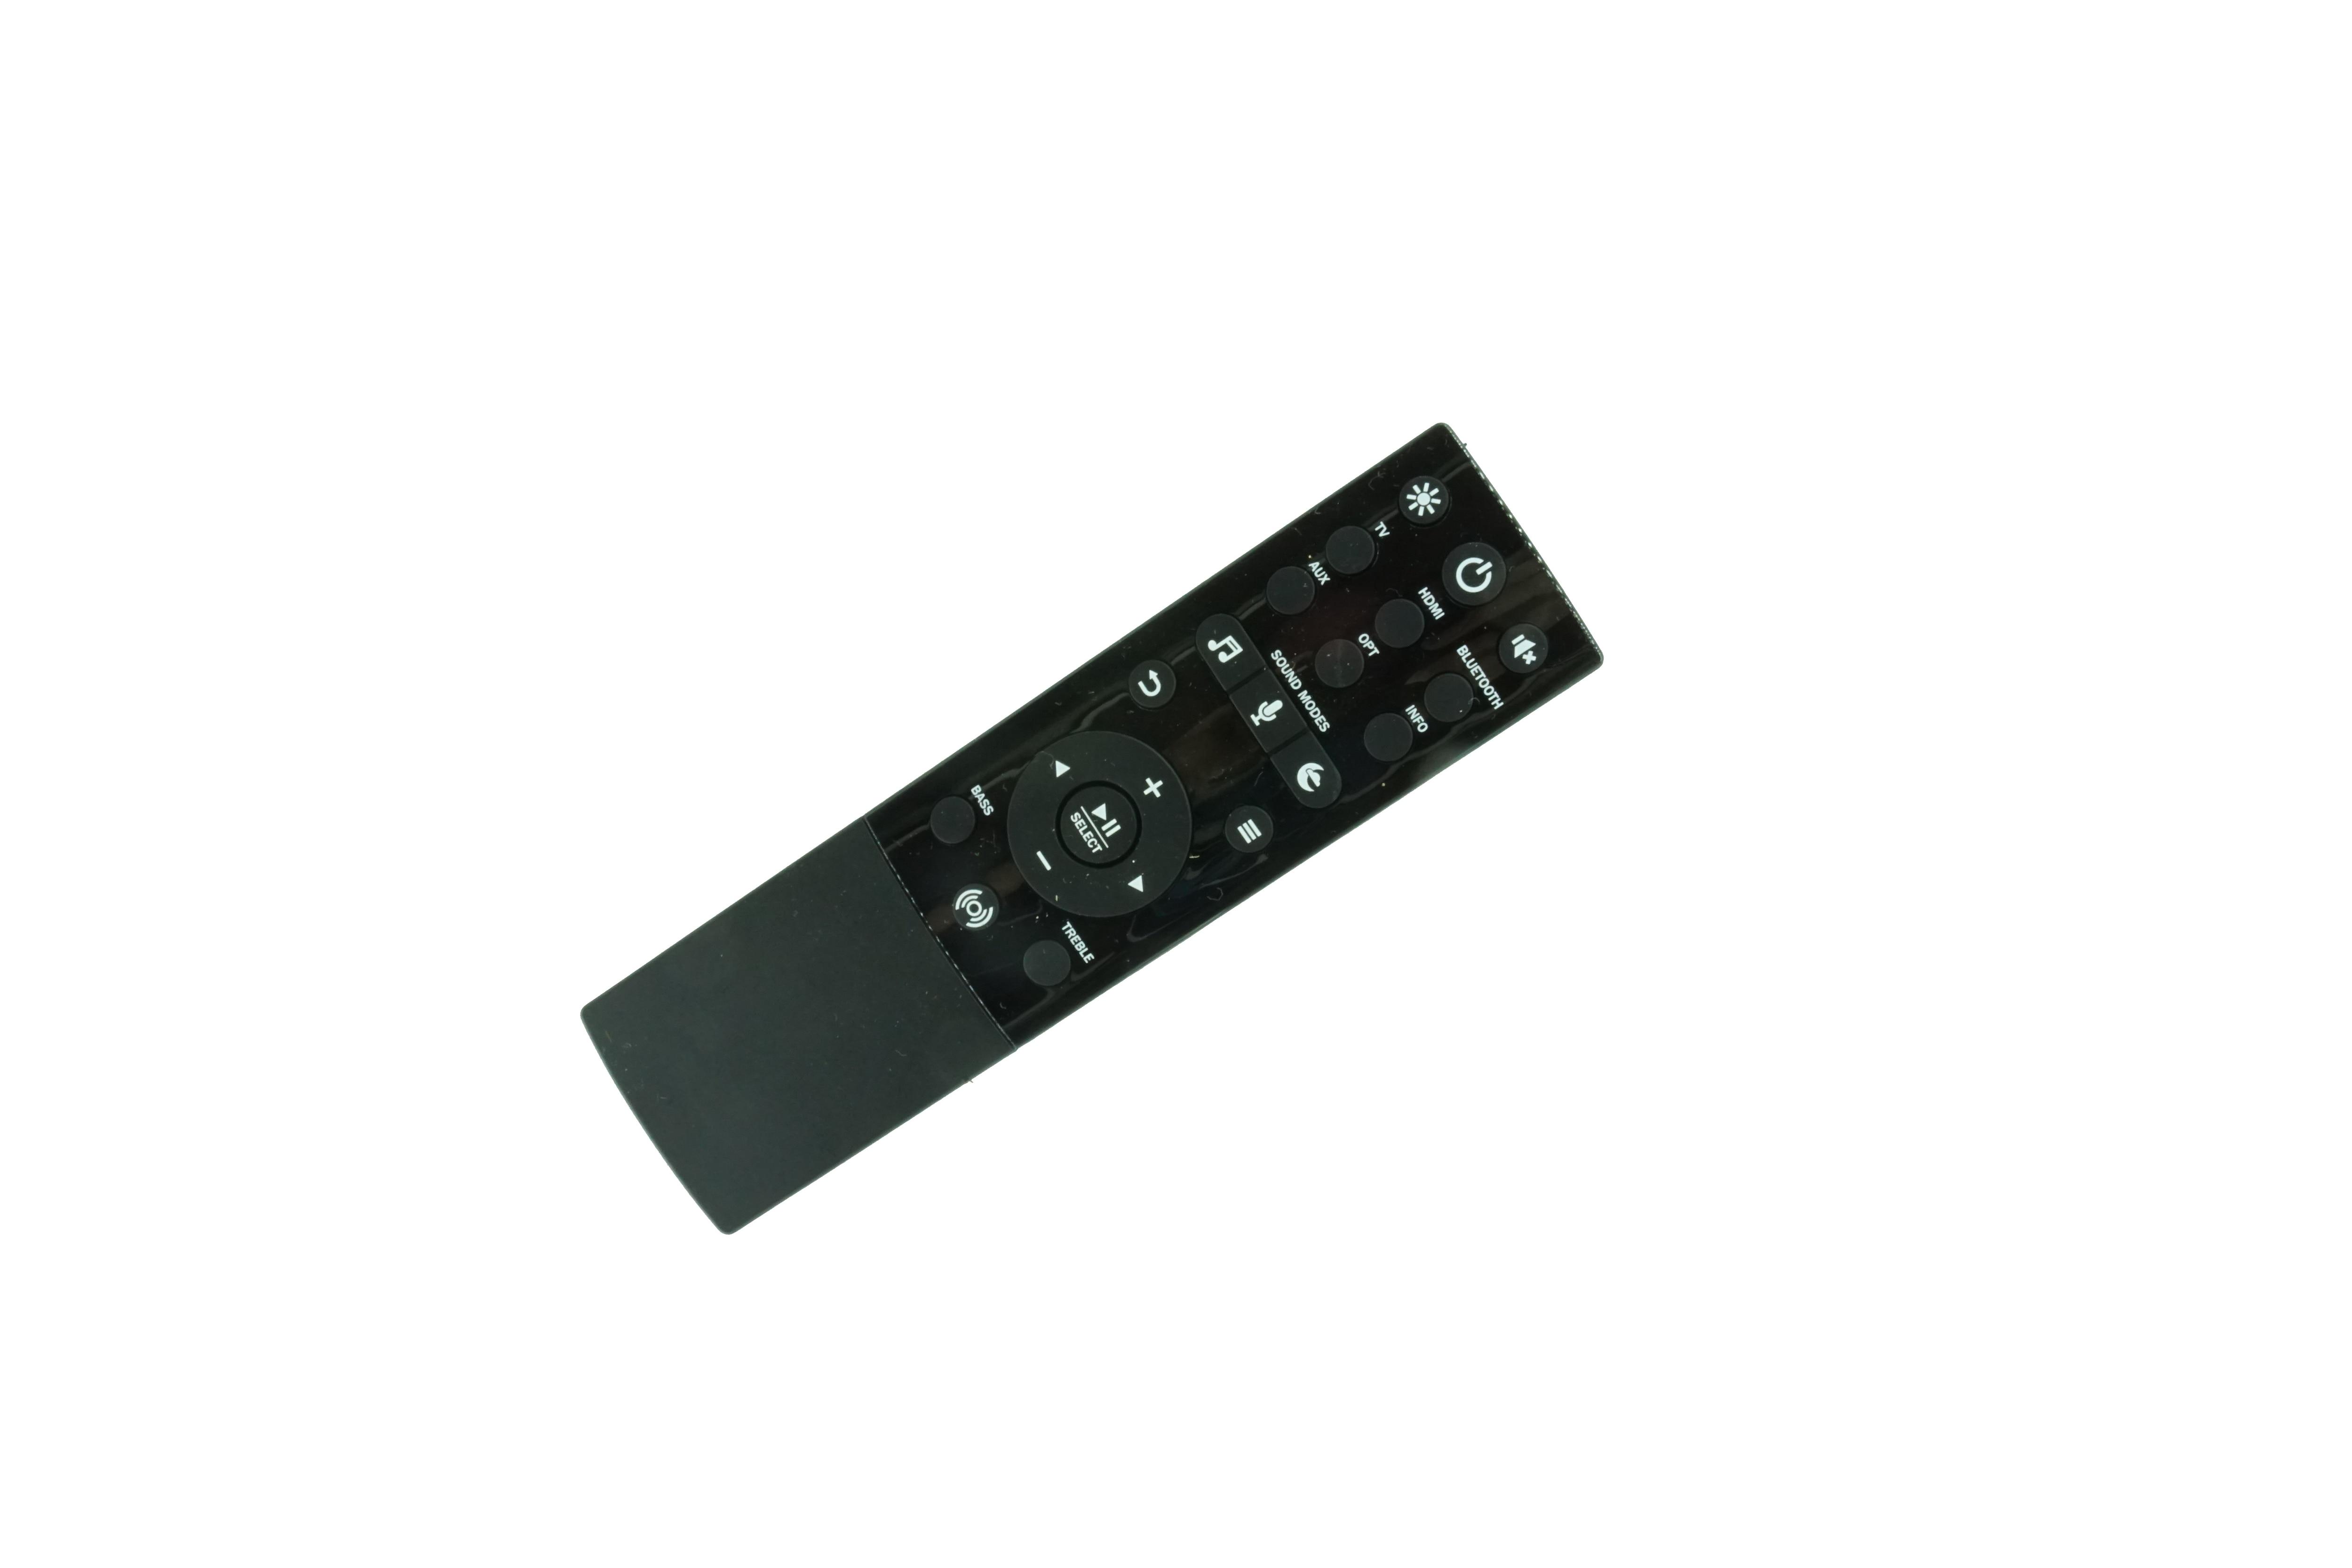 90% neue Fernbedienung Für Teufel CINEBAR 11 MK2 20RC Soundbar Audio Lautsprecher System